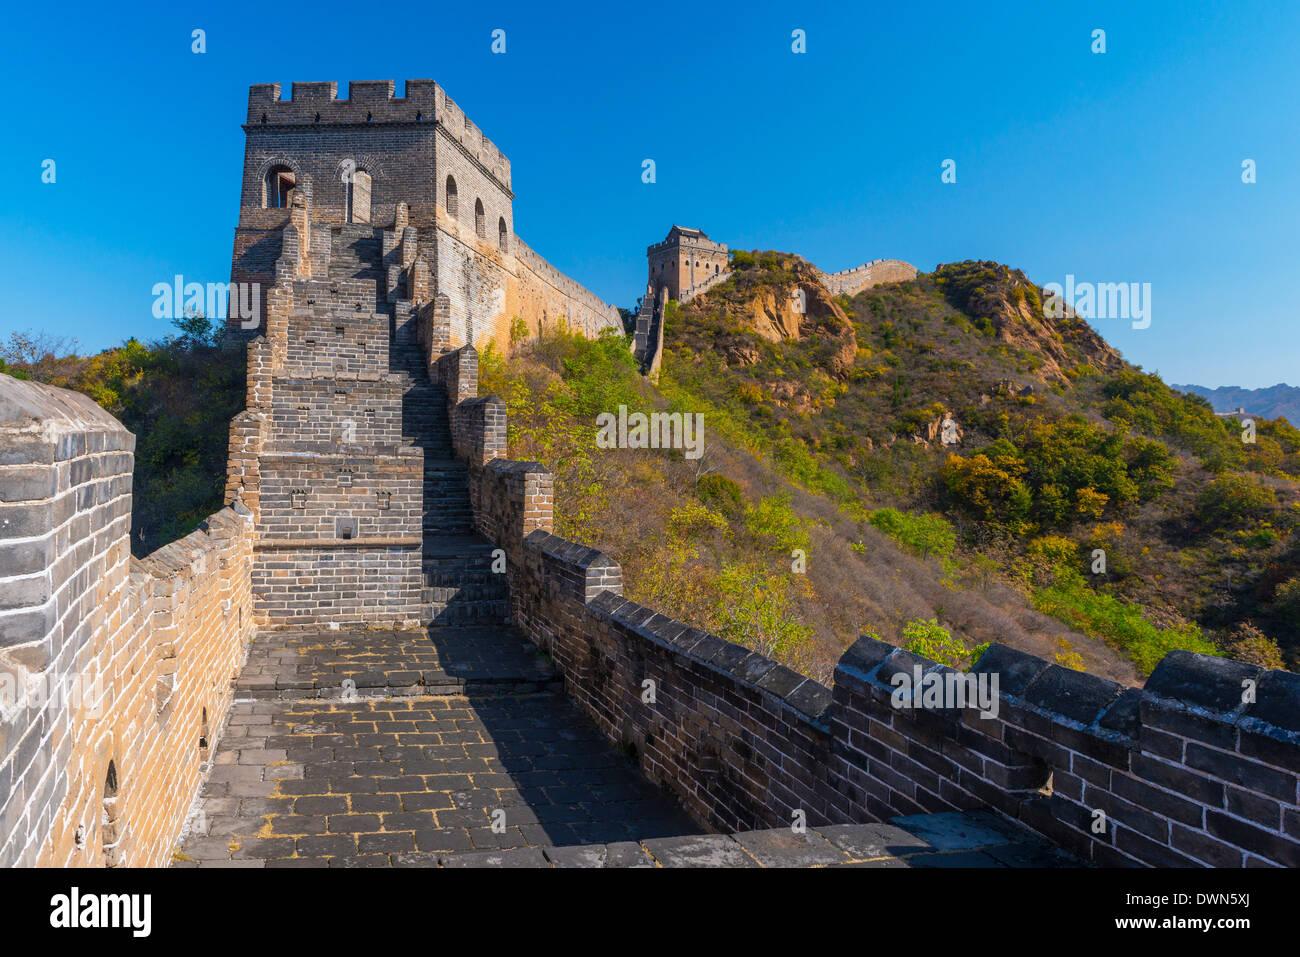 La Gran Muralla de China, el sitio de la UNESCO, que data de la dinastía Ming, el tour caminando Jinshanling, Luanping County, provincia de Hebei, China Imagen De Stock